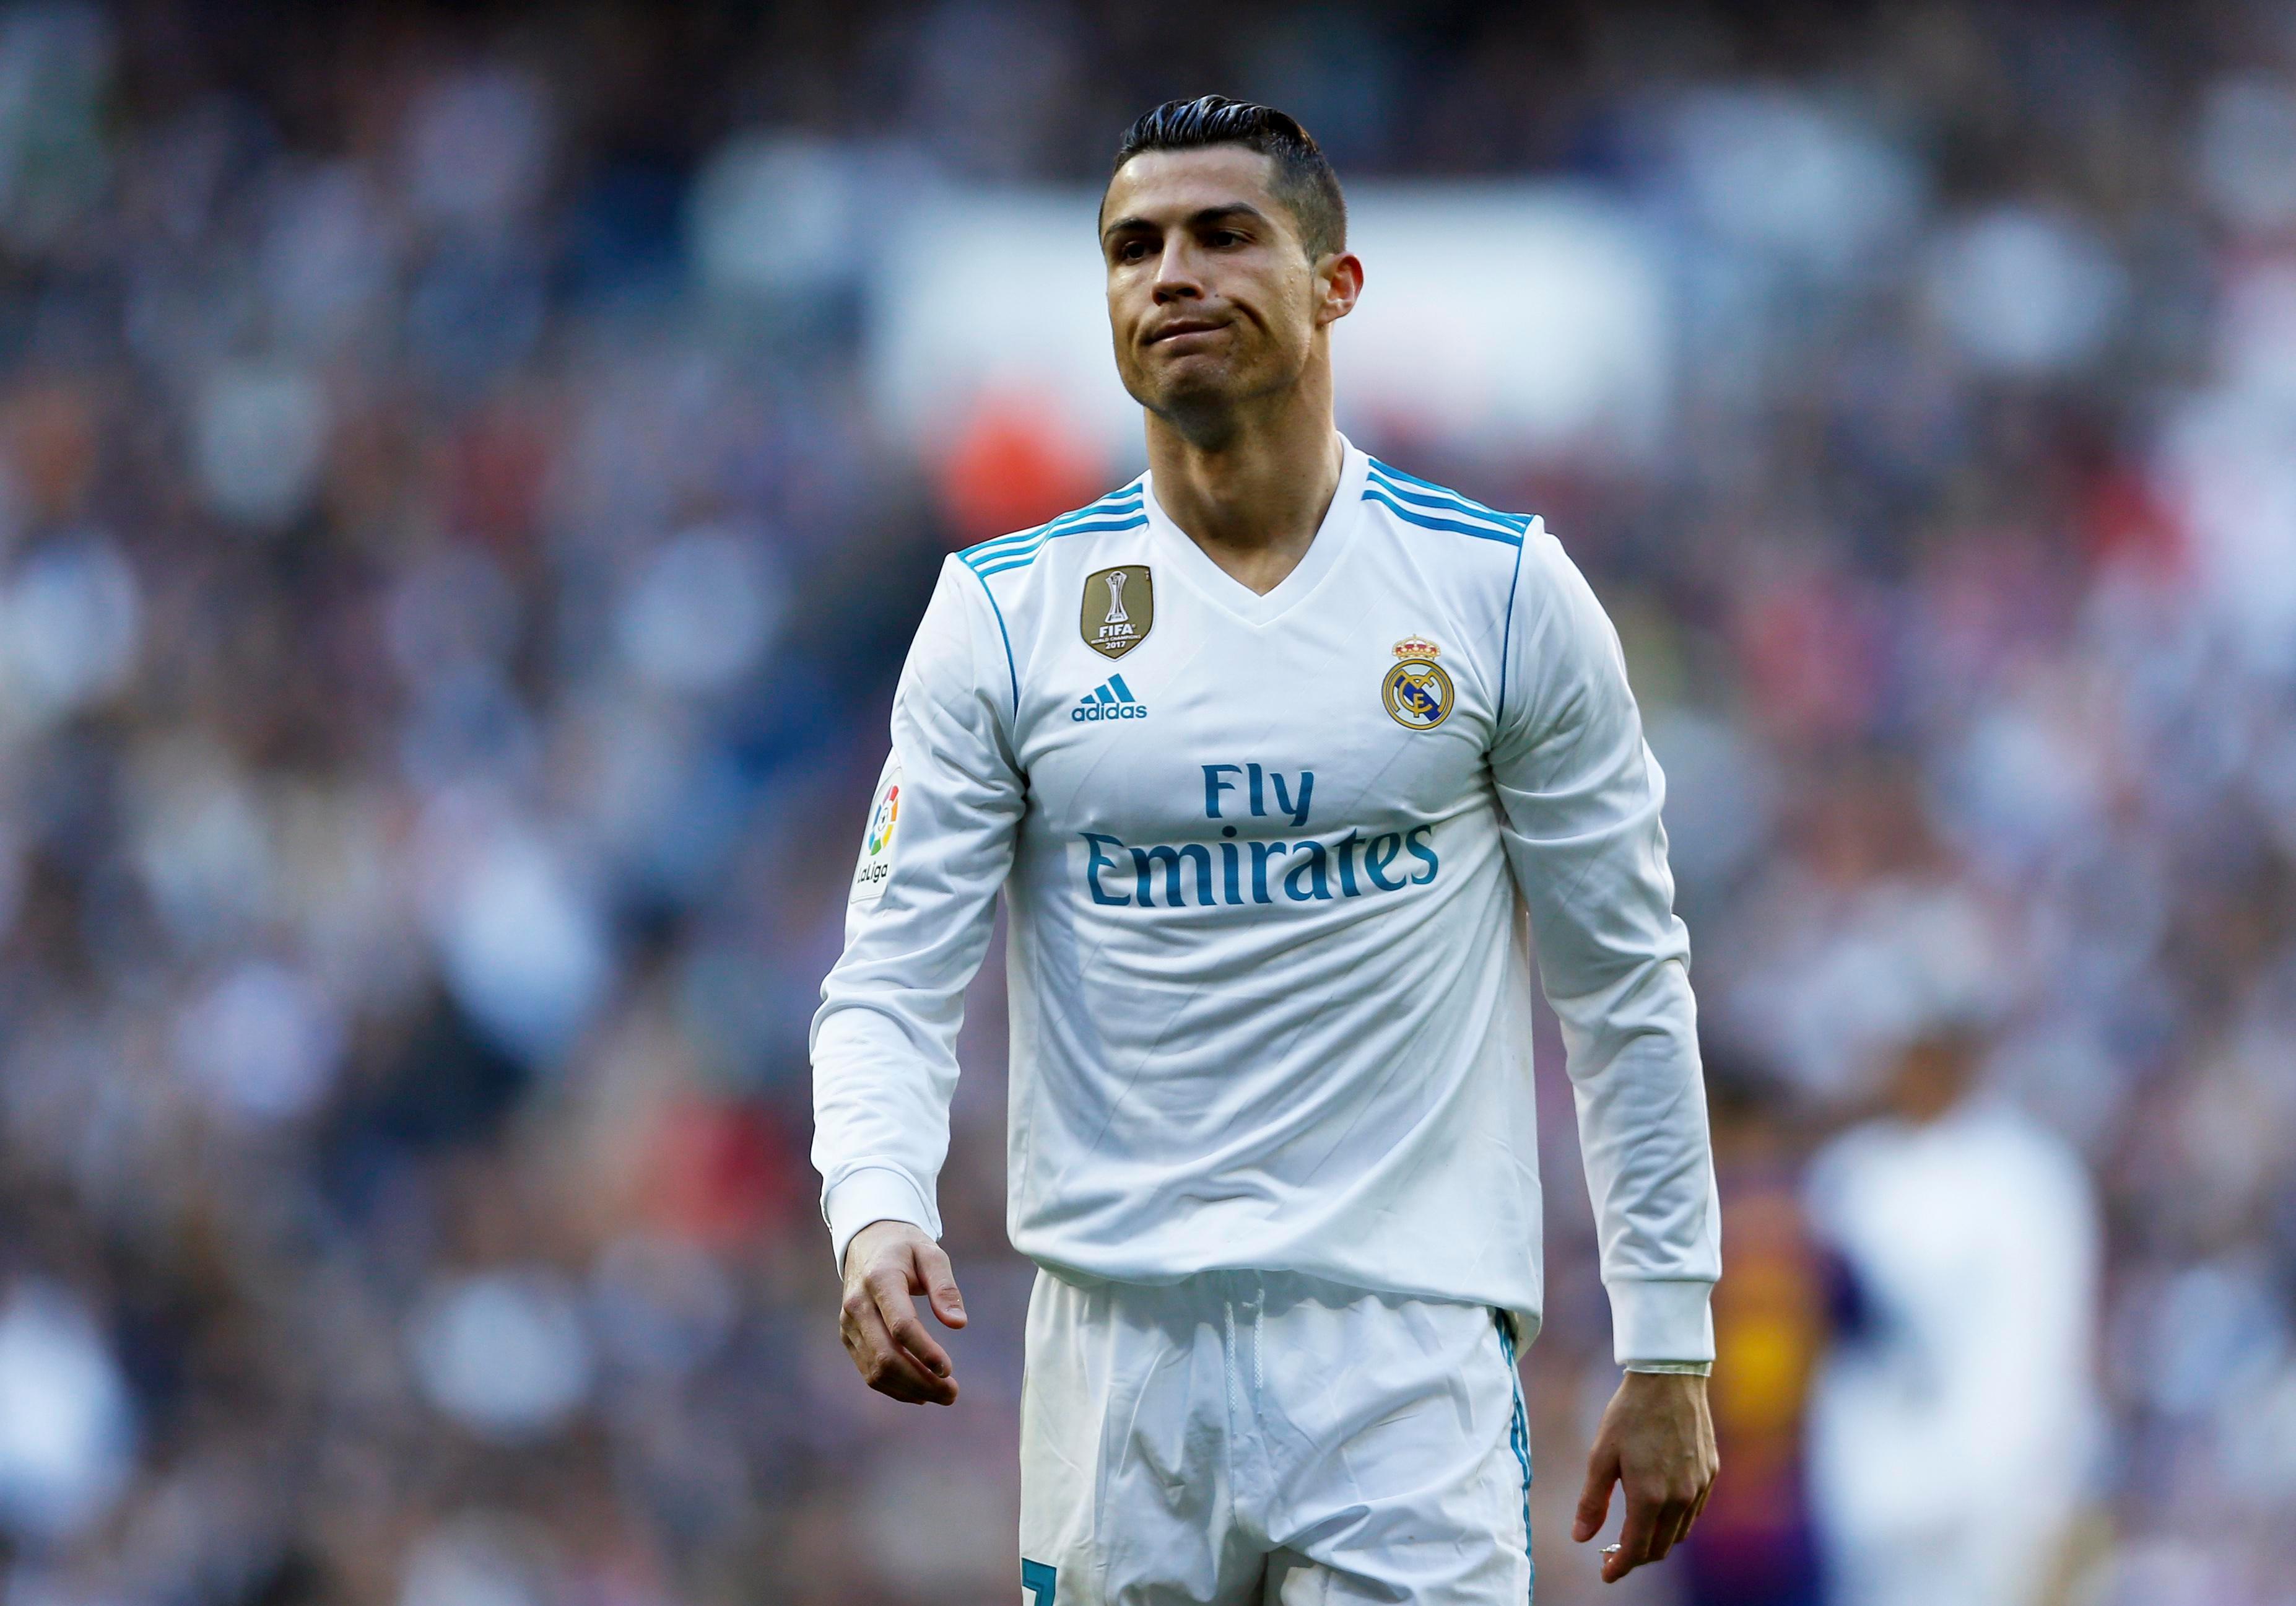 PSG still dream of signing Cristiano Ronaldo in the summer